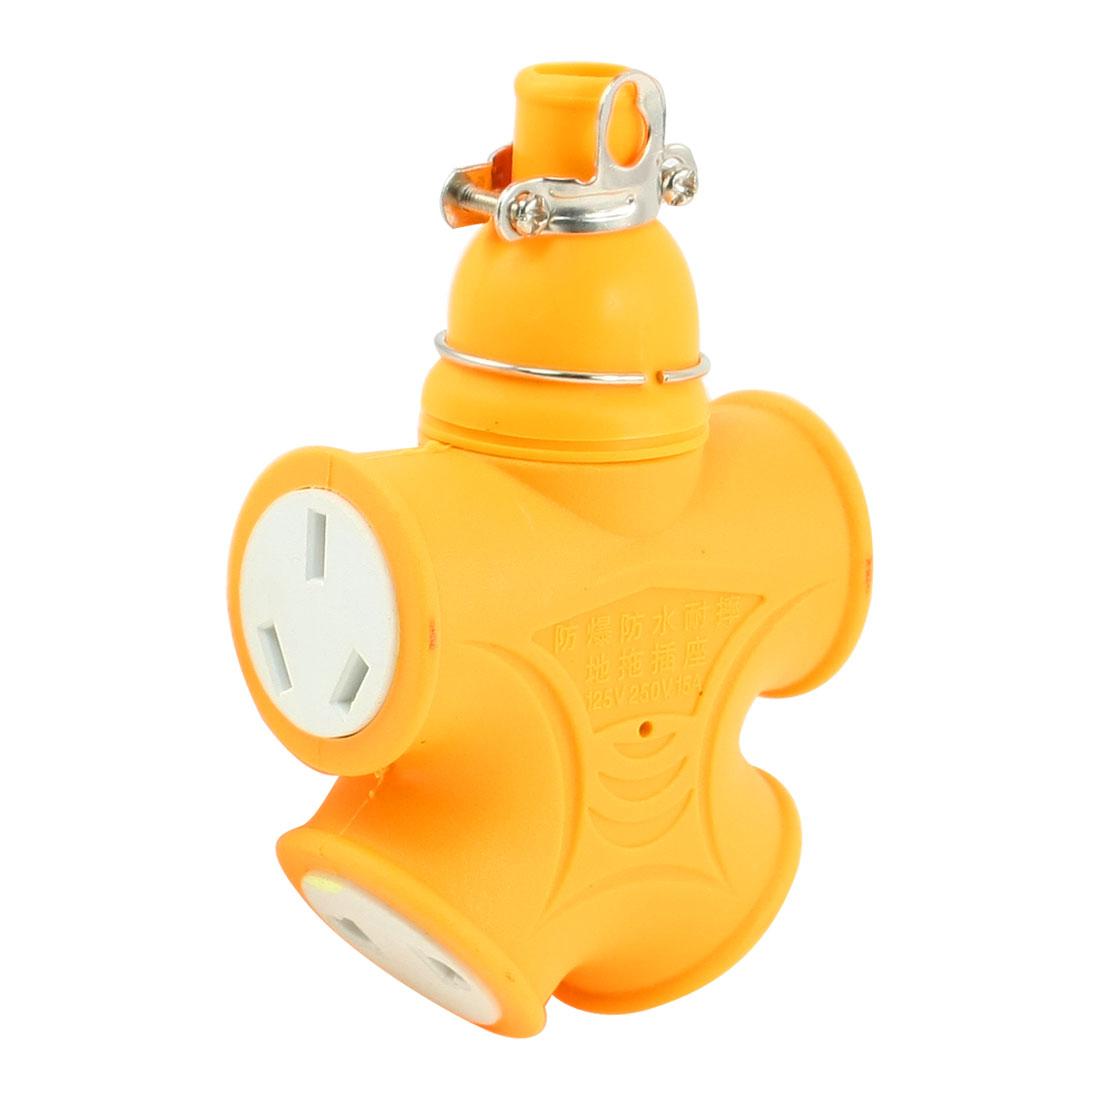 US AU Plug 4 Outlets Waterproof Power Socket Connector AC125V 250V 15A